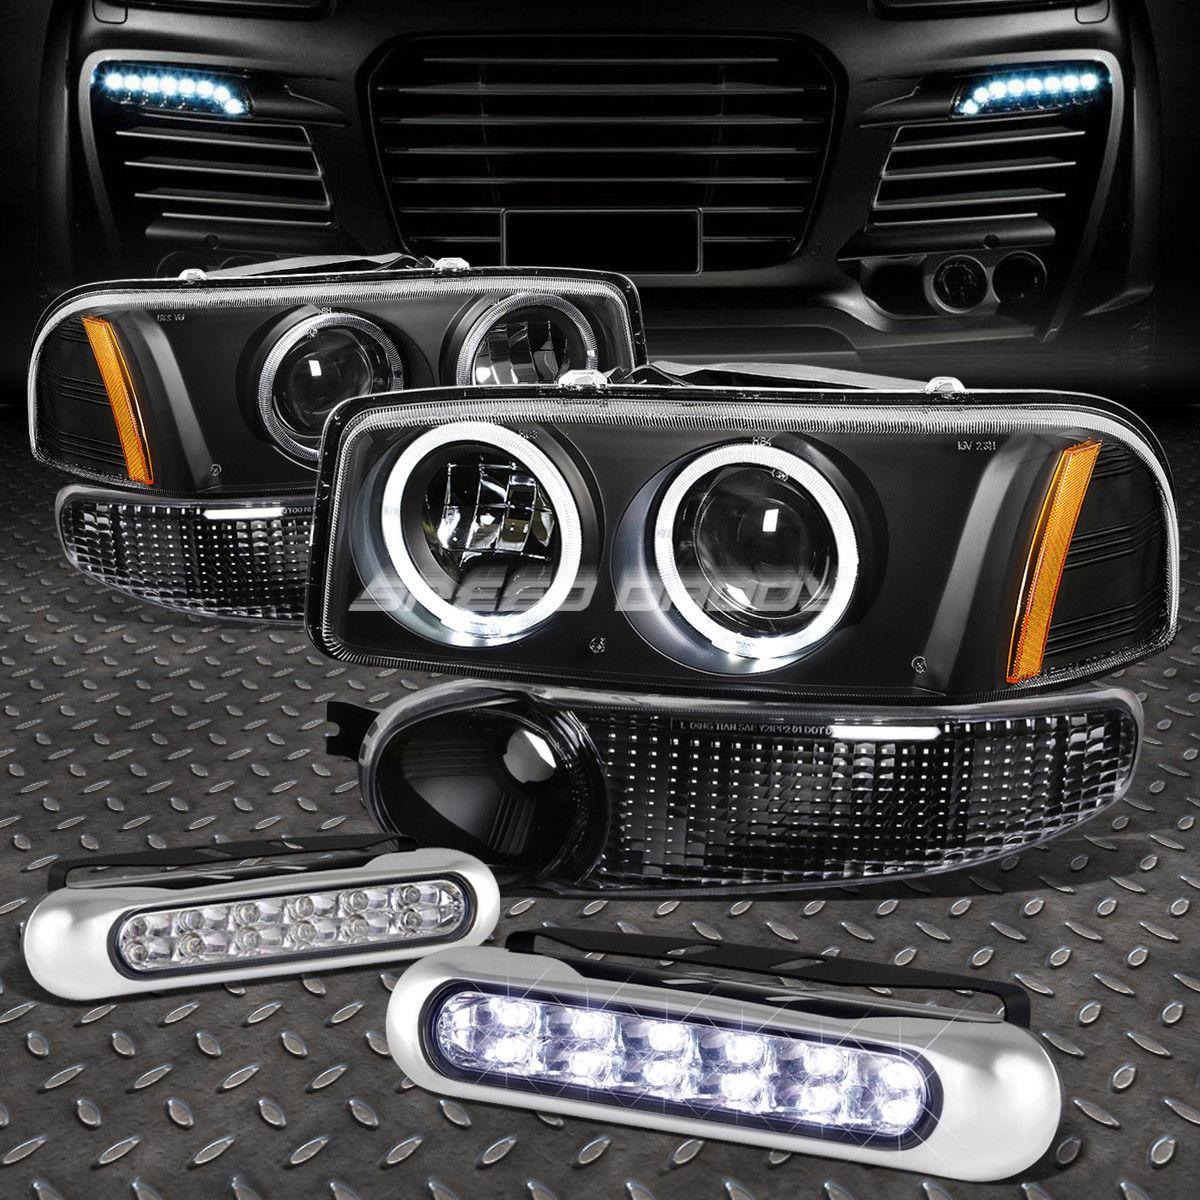 フォグライト BLACK AMBER PROJECTOR HEADLIGHT+12 LED GRILL FOG LIGHT FOR 00-07 SIERRA/YUKON ブラックアンバープロジェクターヘッドライト+ 00-07 SIERRA / YUKON用LEDグリルフォグライト12